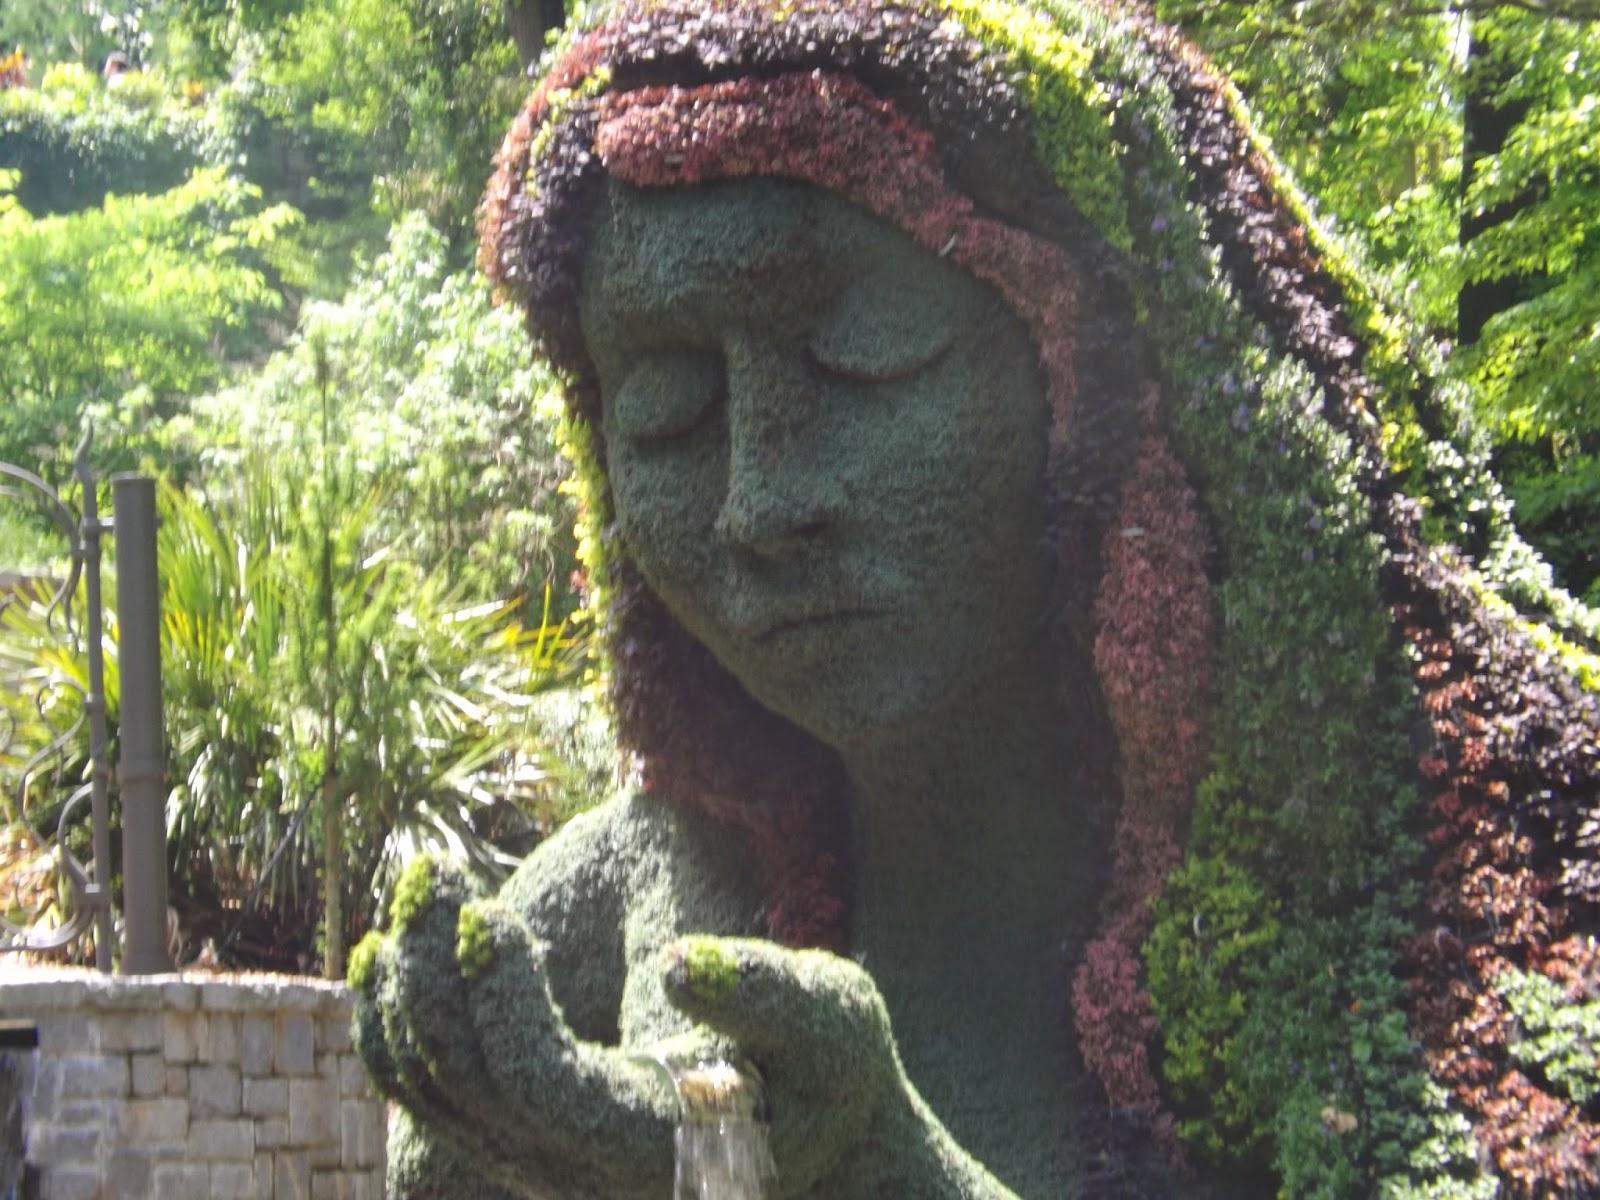 House charming - Atlanta botanical garden membership ...